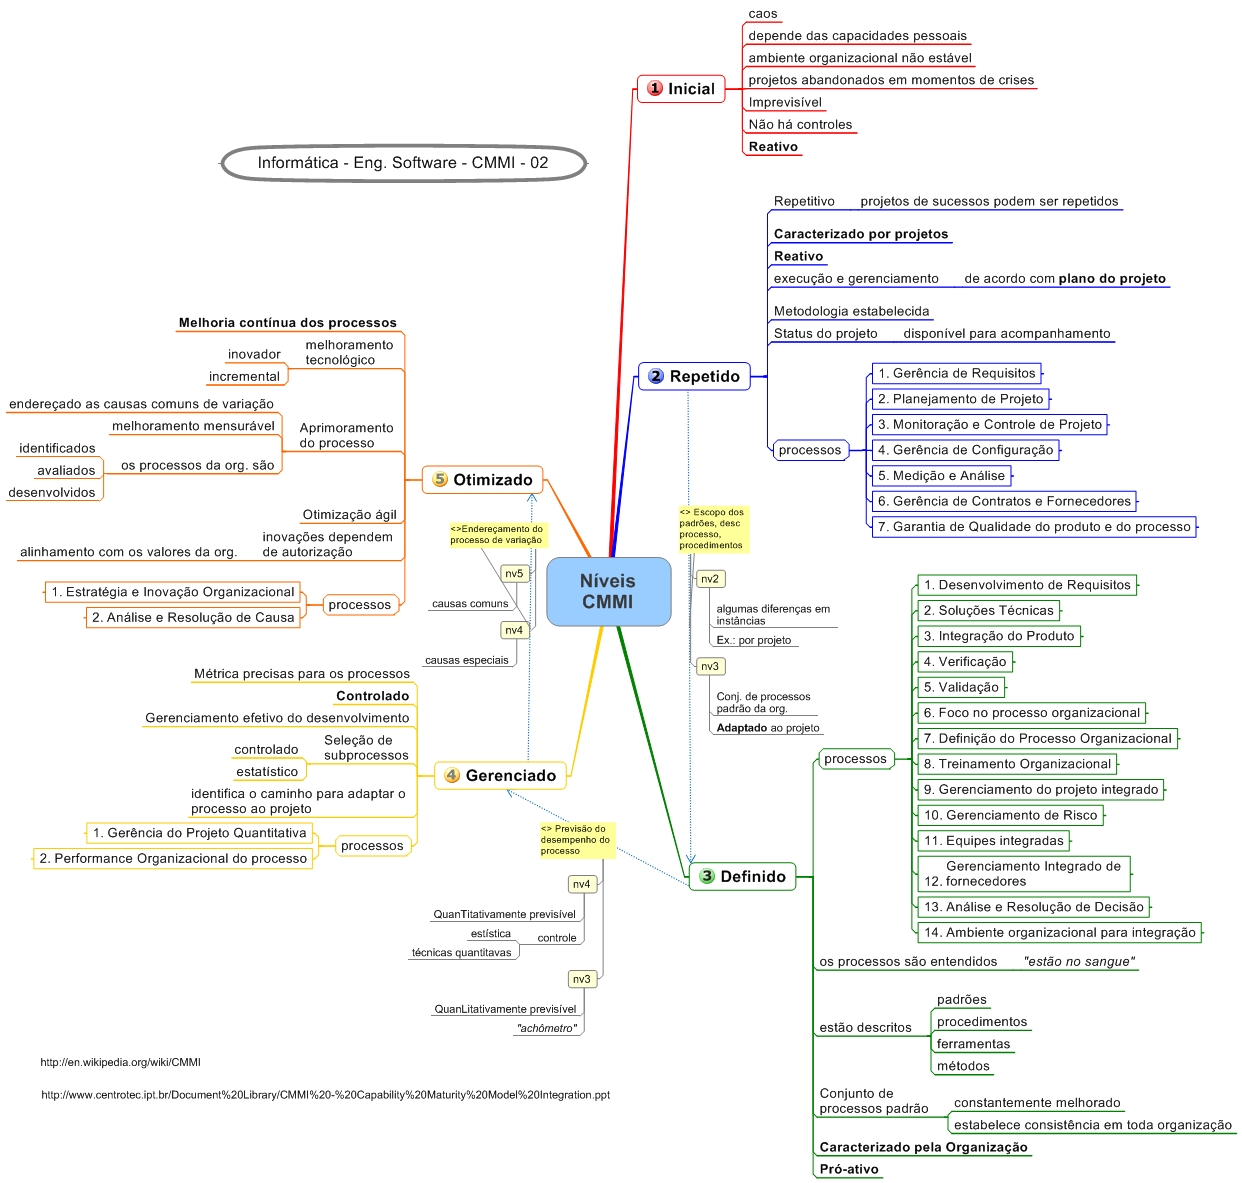 Mapa Mental de CMMI - Níveis e Processos